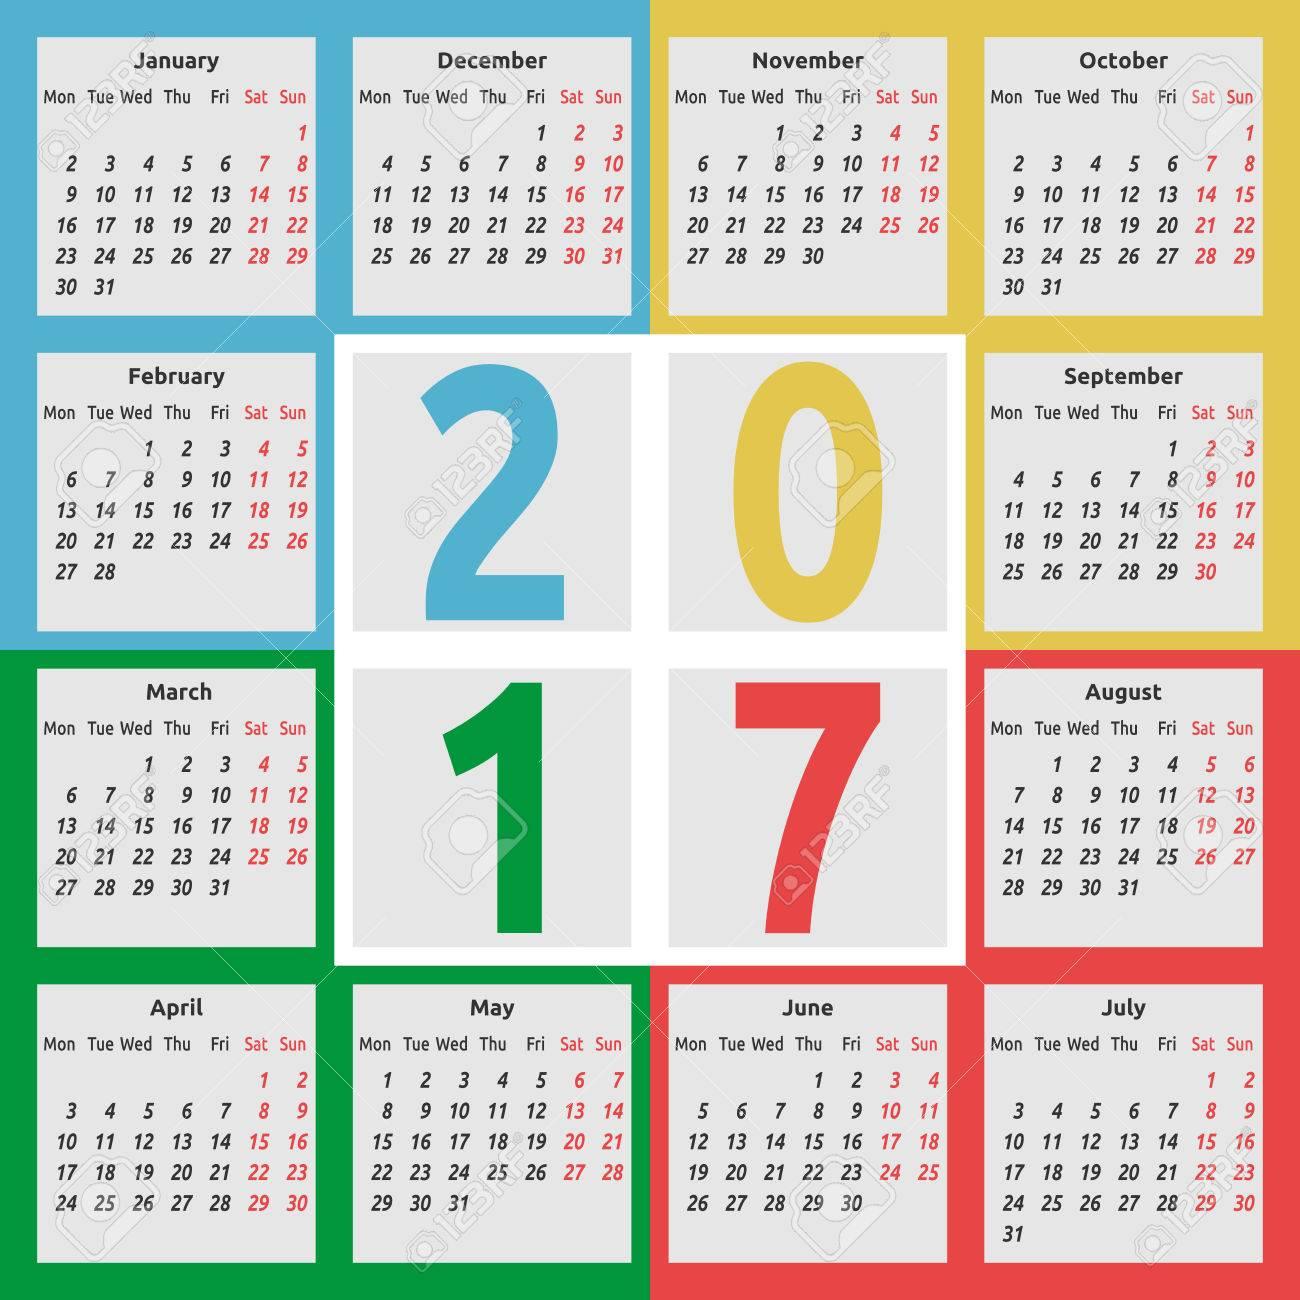 Calendario Anno 2017.Calendario Per L Anno 2017 Con Le Stagioni Sulla Priorita Bassa Di Colore La Settimana Inizia Il Lunedi Design Piatto Illustrazione Vettoriale Eps